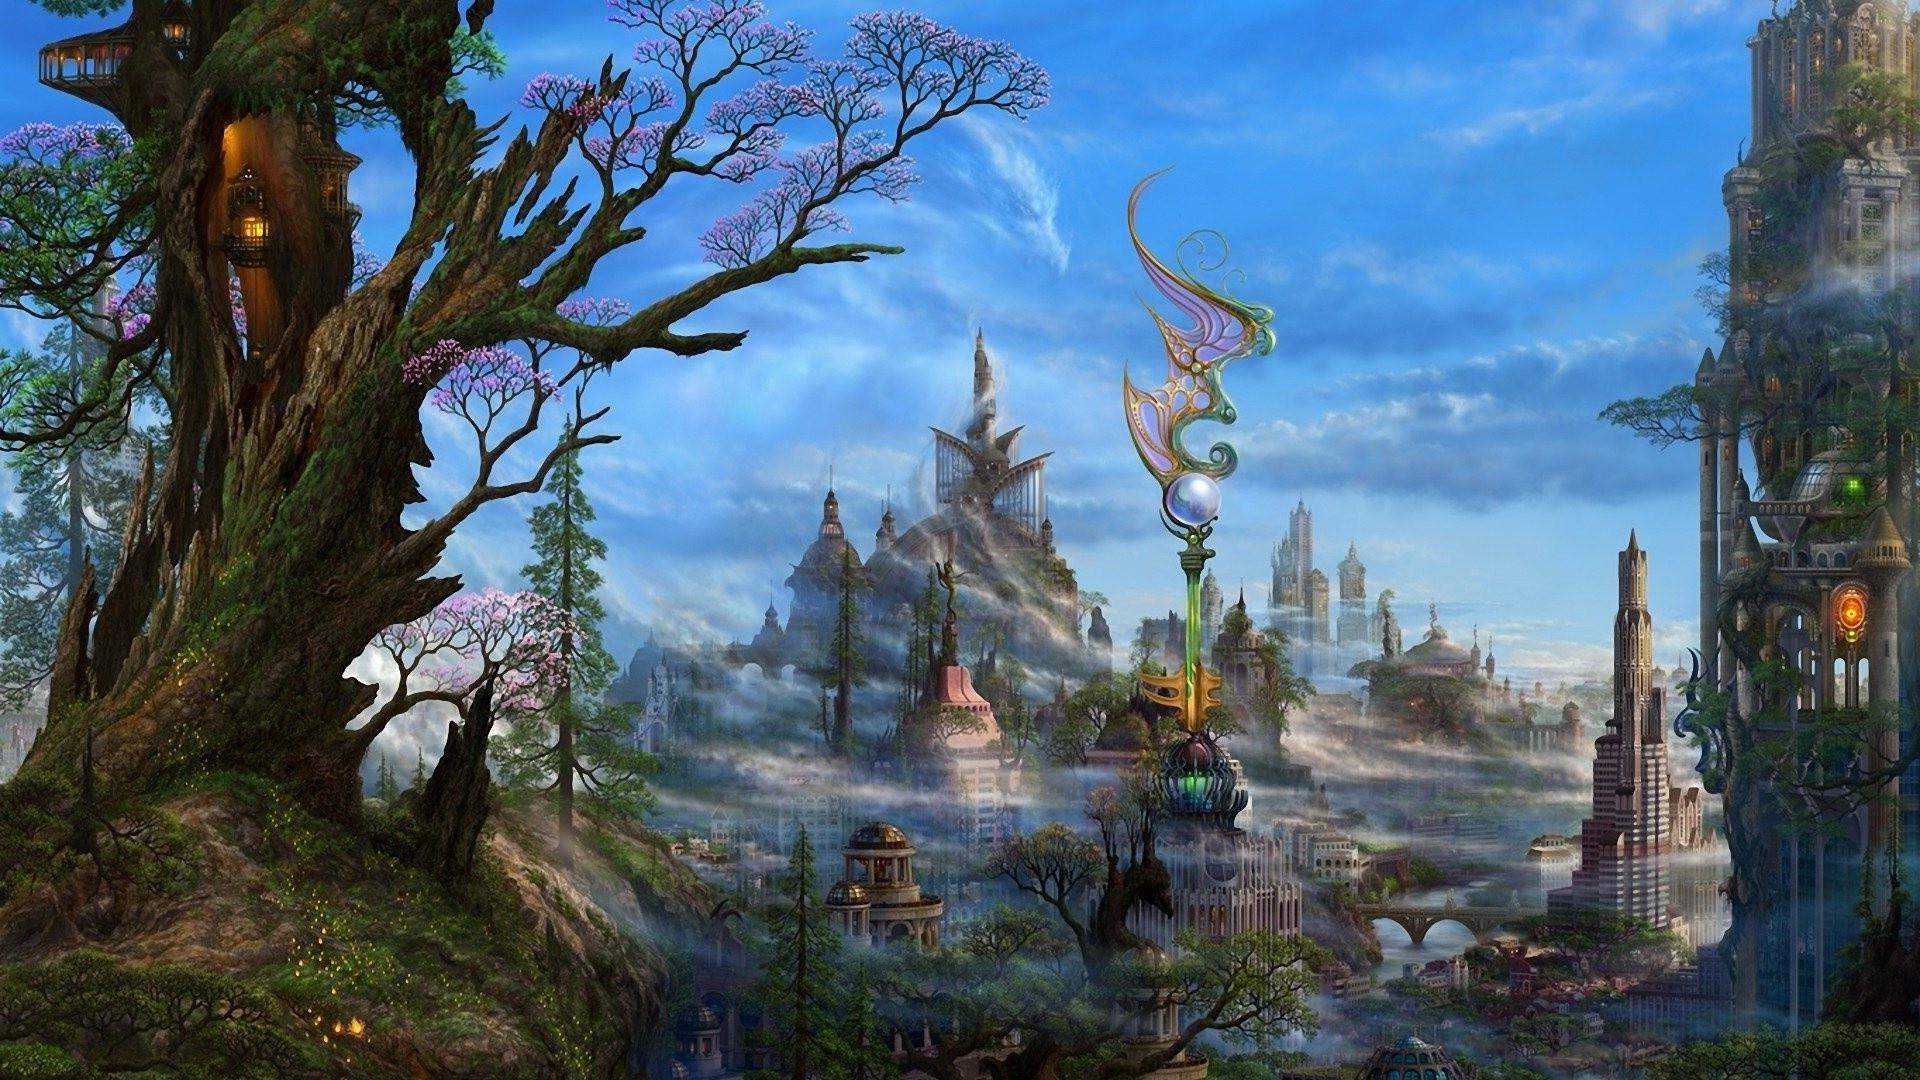 Wallpaper : trees, landscape, forest, digital art, fantasy art ... for Fantasy Water Landscape  150ifm